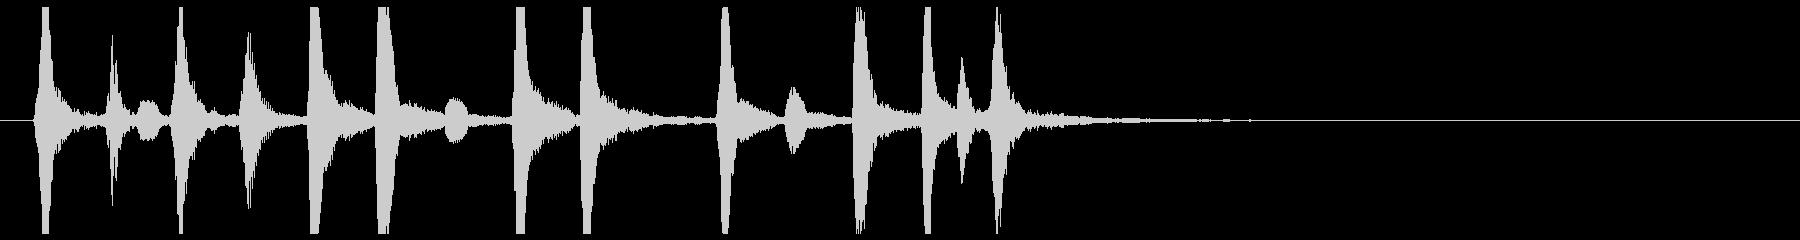 ほのぼの可愛いお料理木管リコーダー重奏の未再生の波形